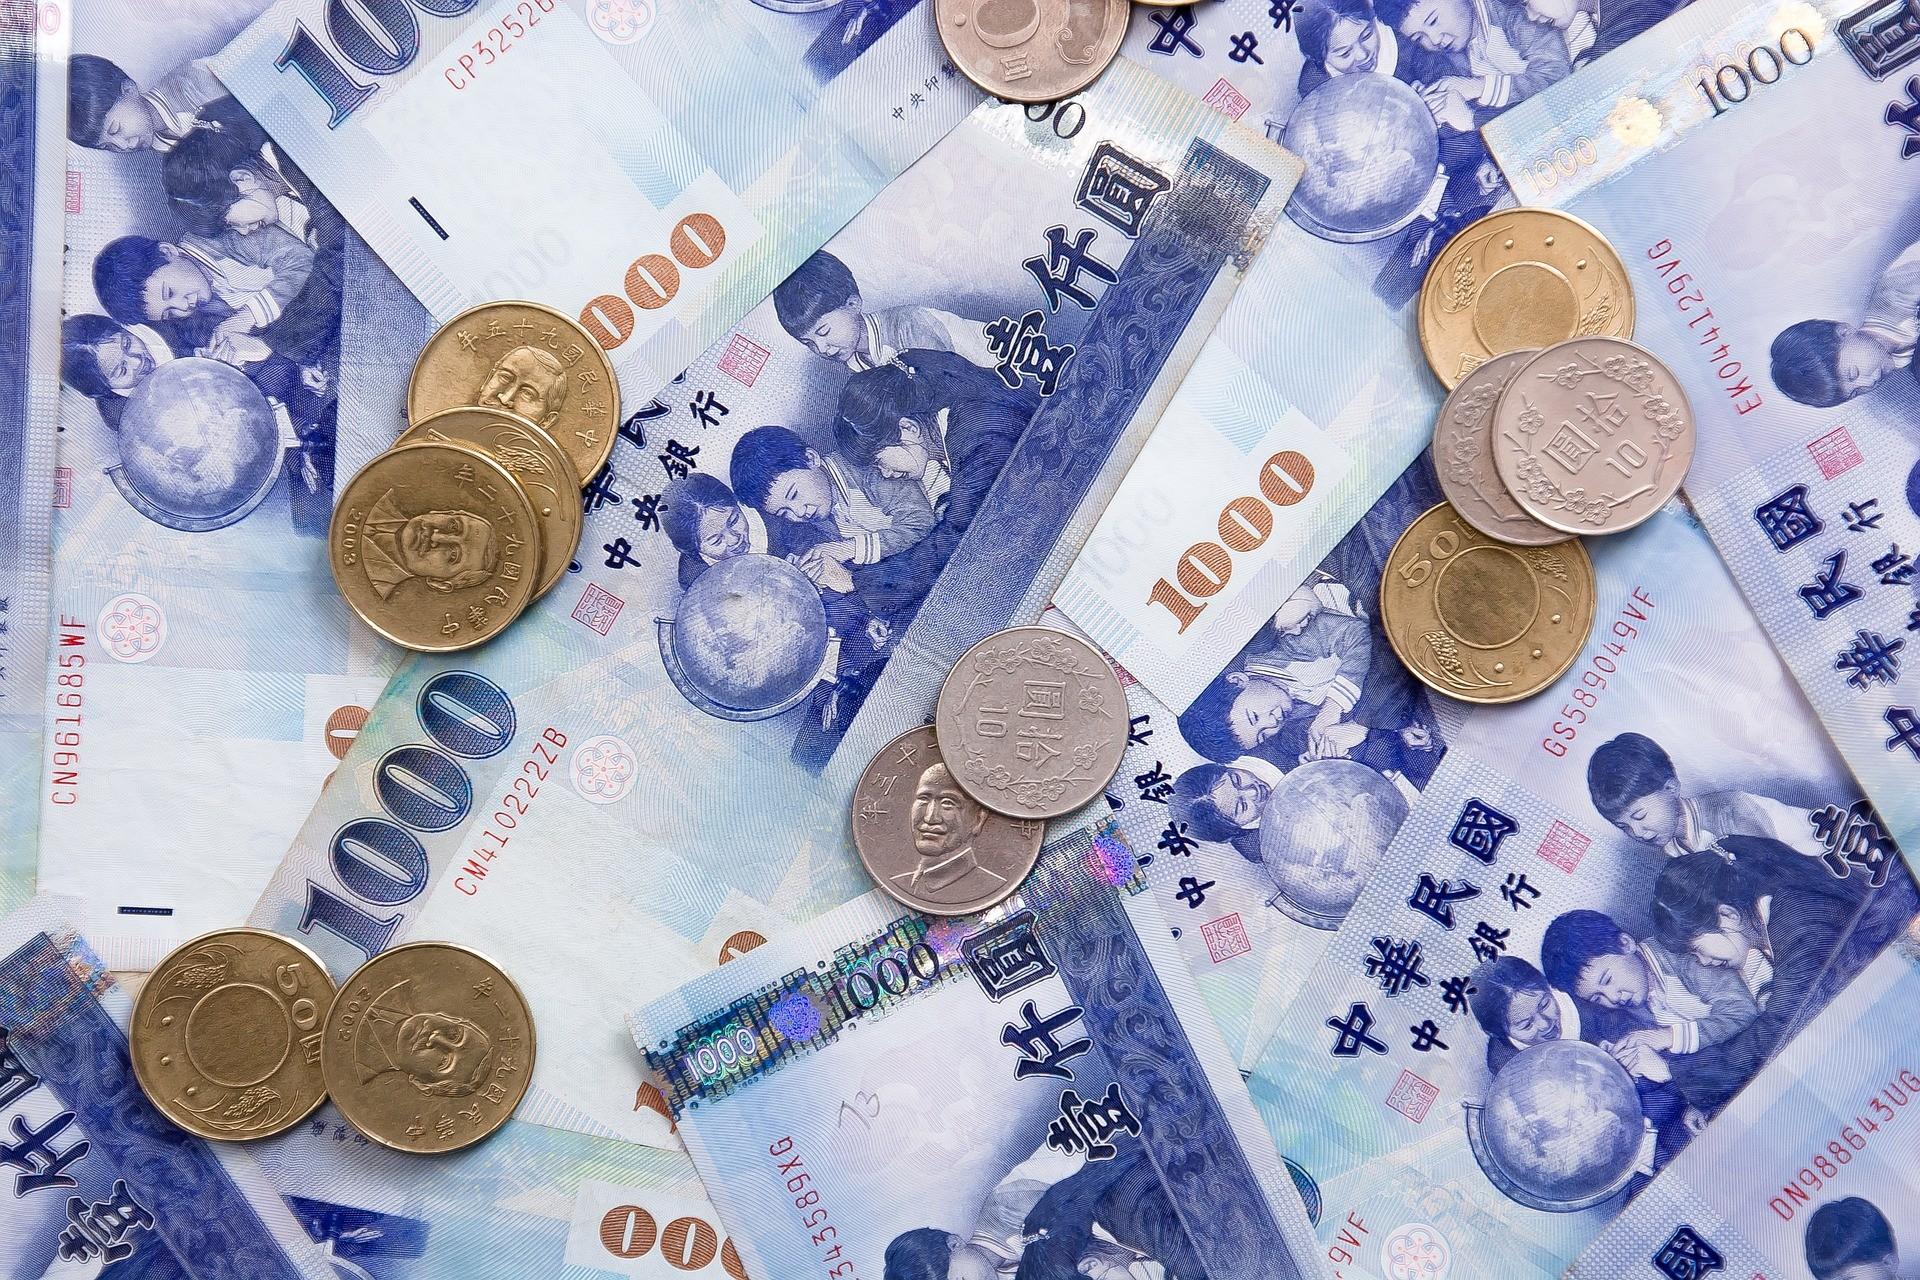 ▲新台幣,台幣,現金,鈔票,銅板,金錢,錢。(圖/pixabay)